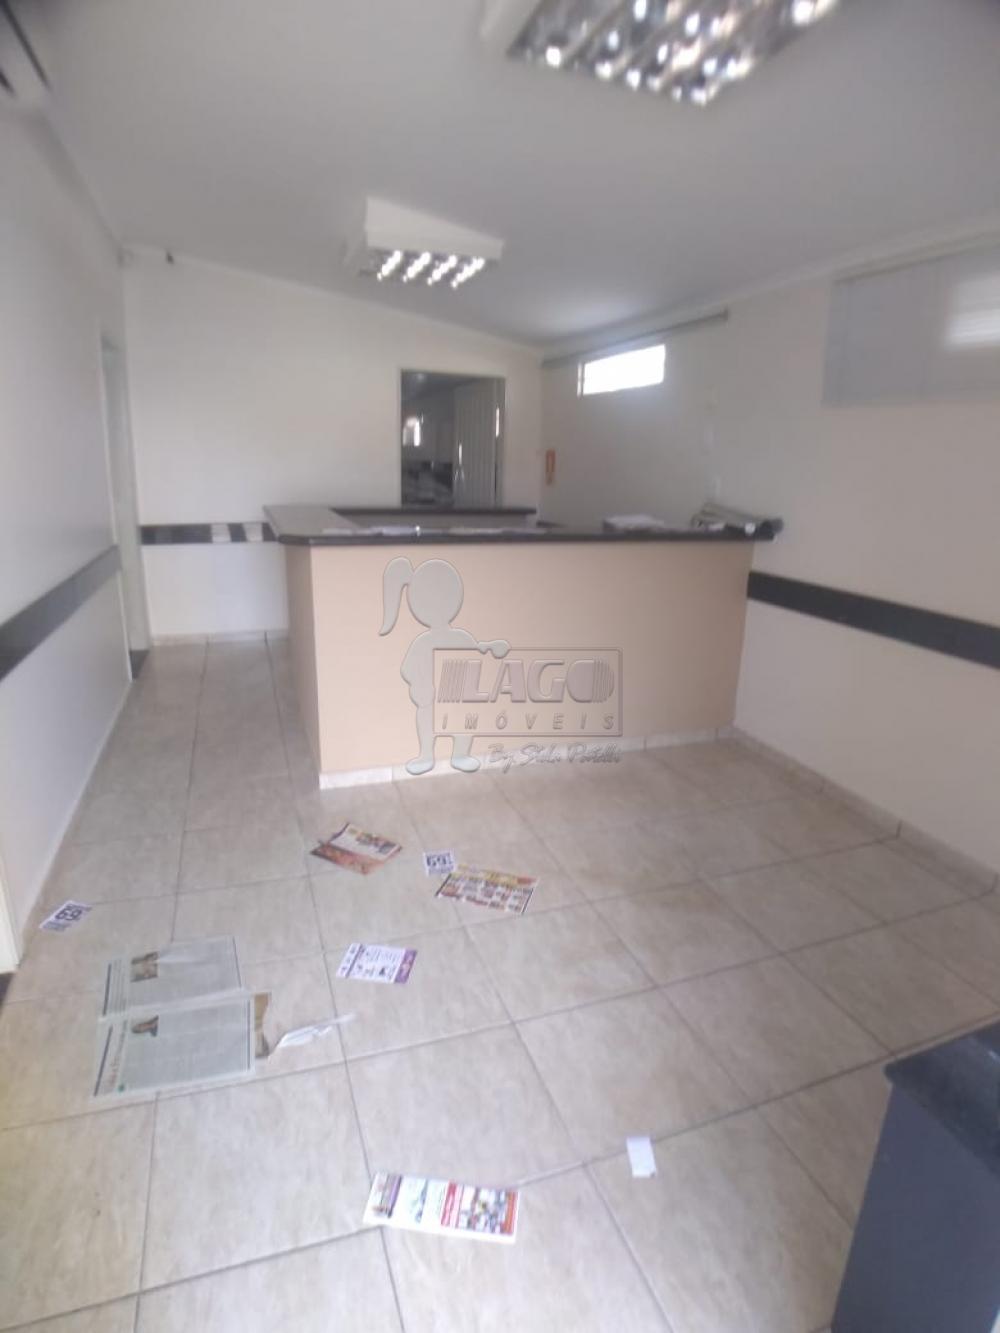 Alugar Comercial / Imóvel Comercial em Ribeirão Preto apenas R$ 2.200,00 - Foto 1